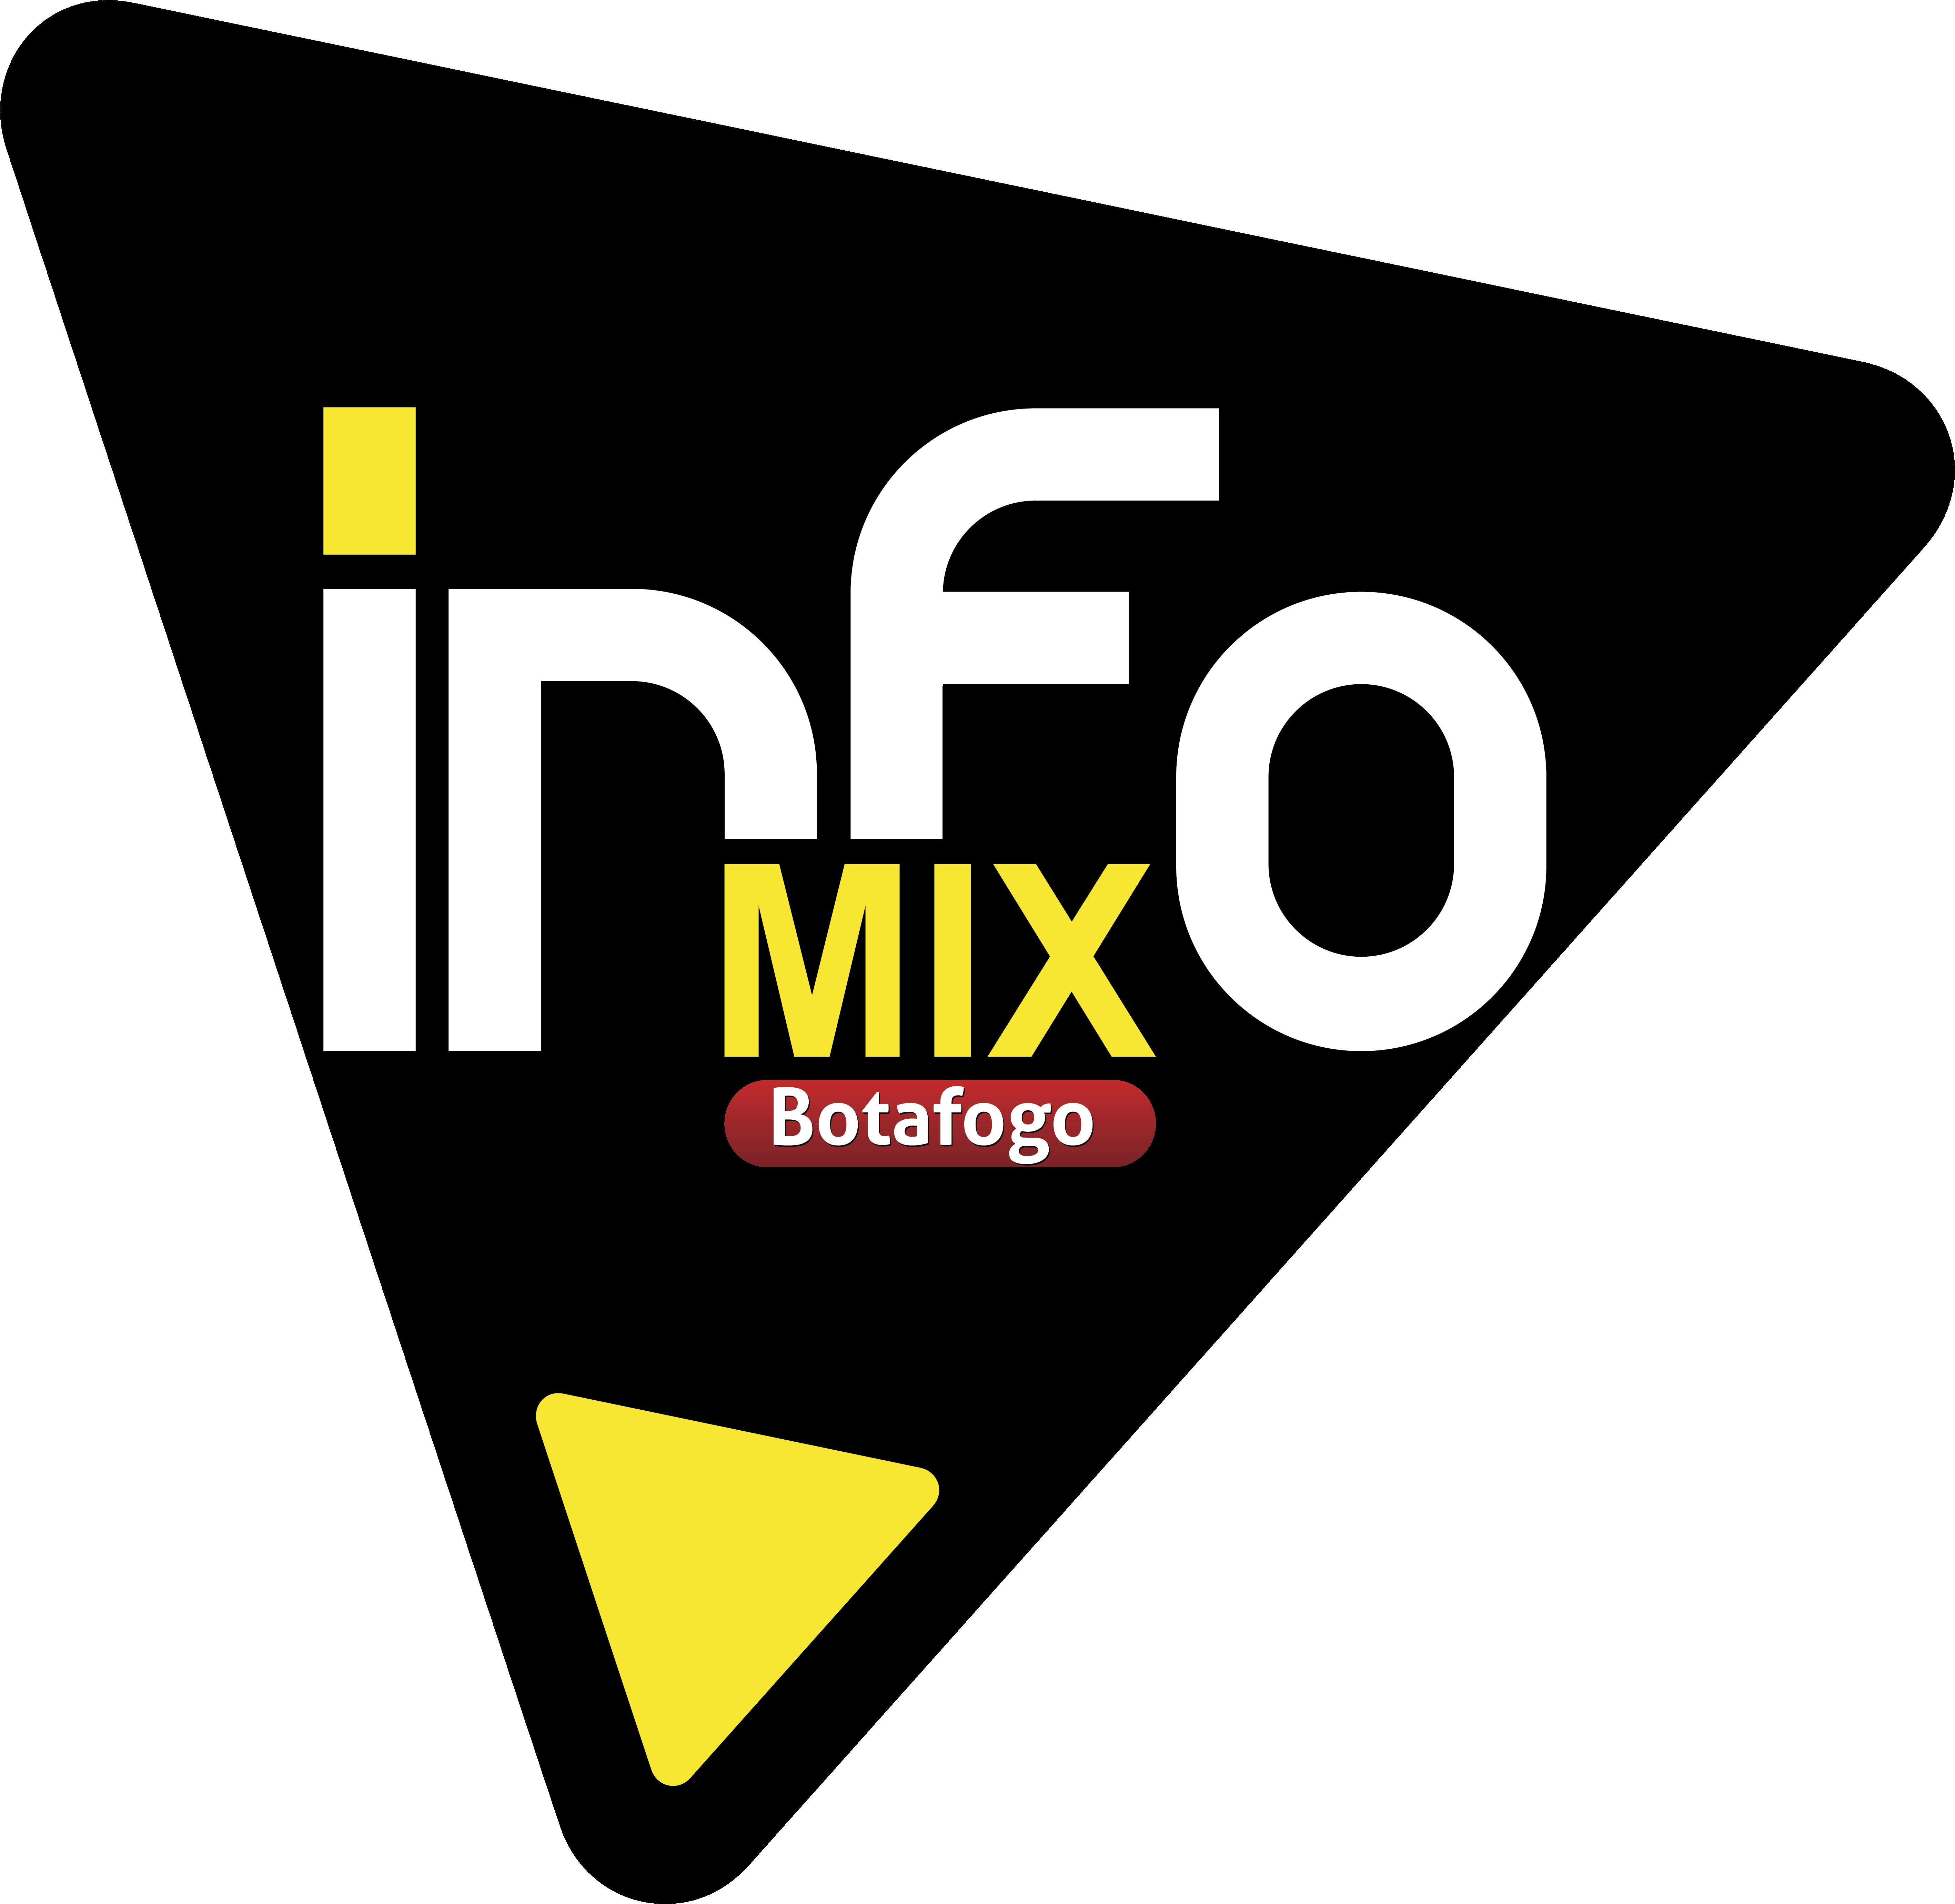 Infomix Botafogo - Celula